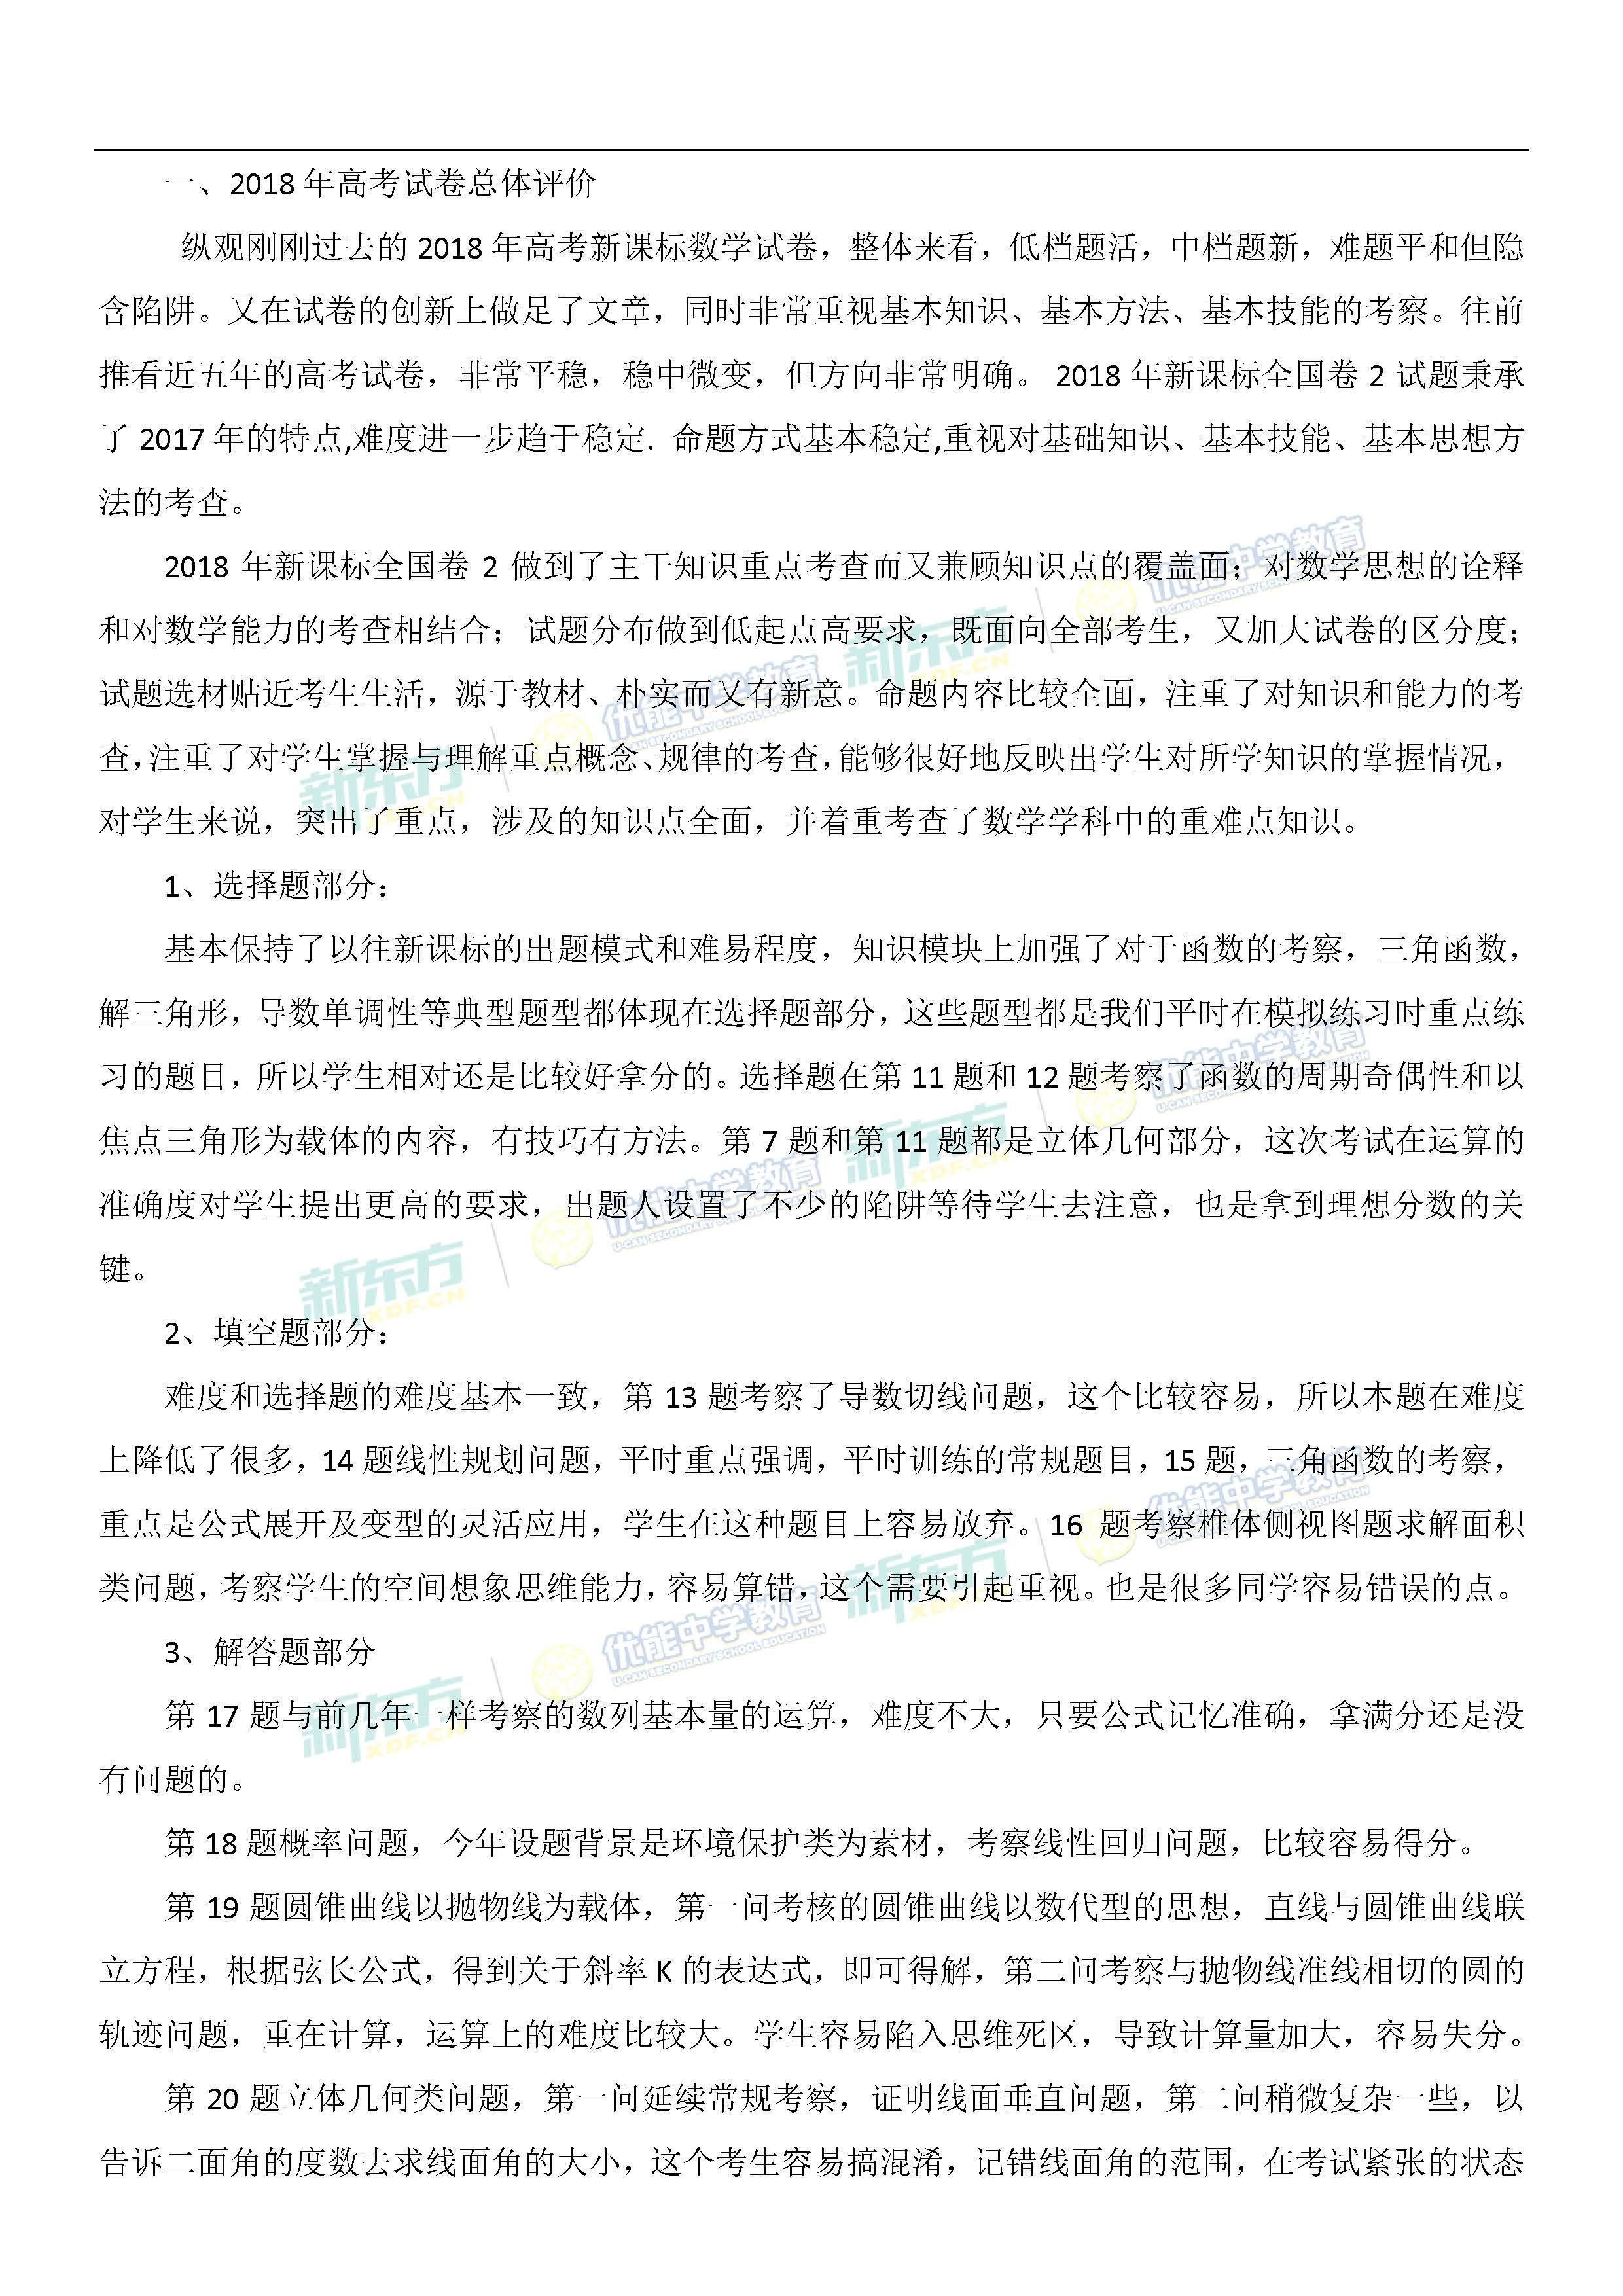 2018高考全国卷2数学试卷点评(乌鲁木齐新东方)